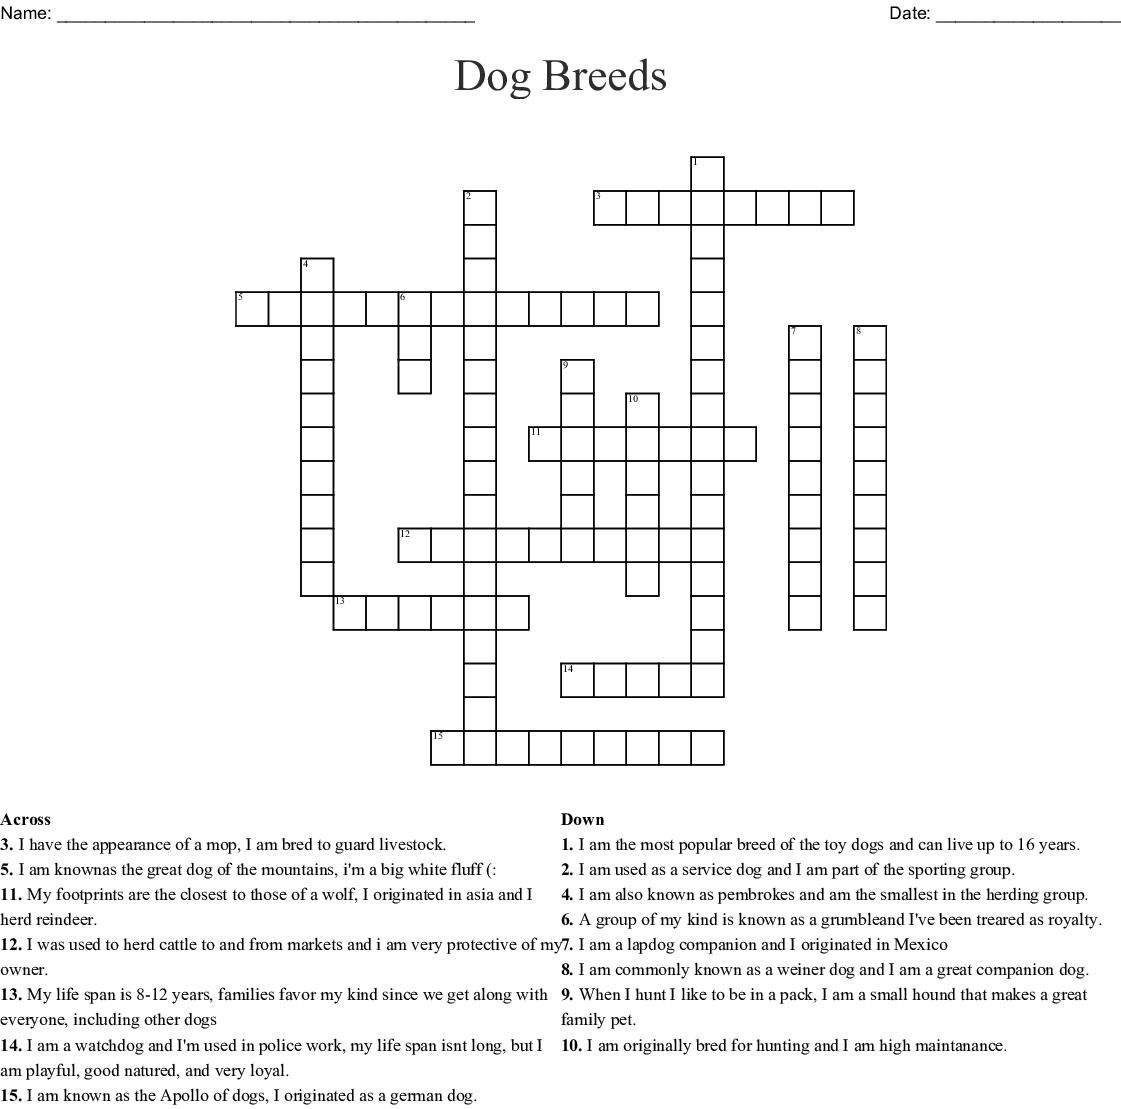 Dog Breeds Crossword Wordmint